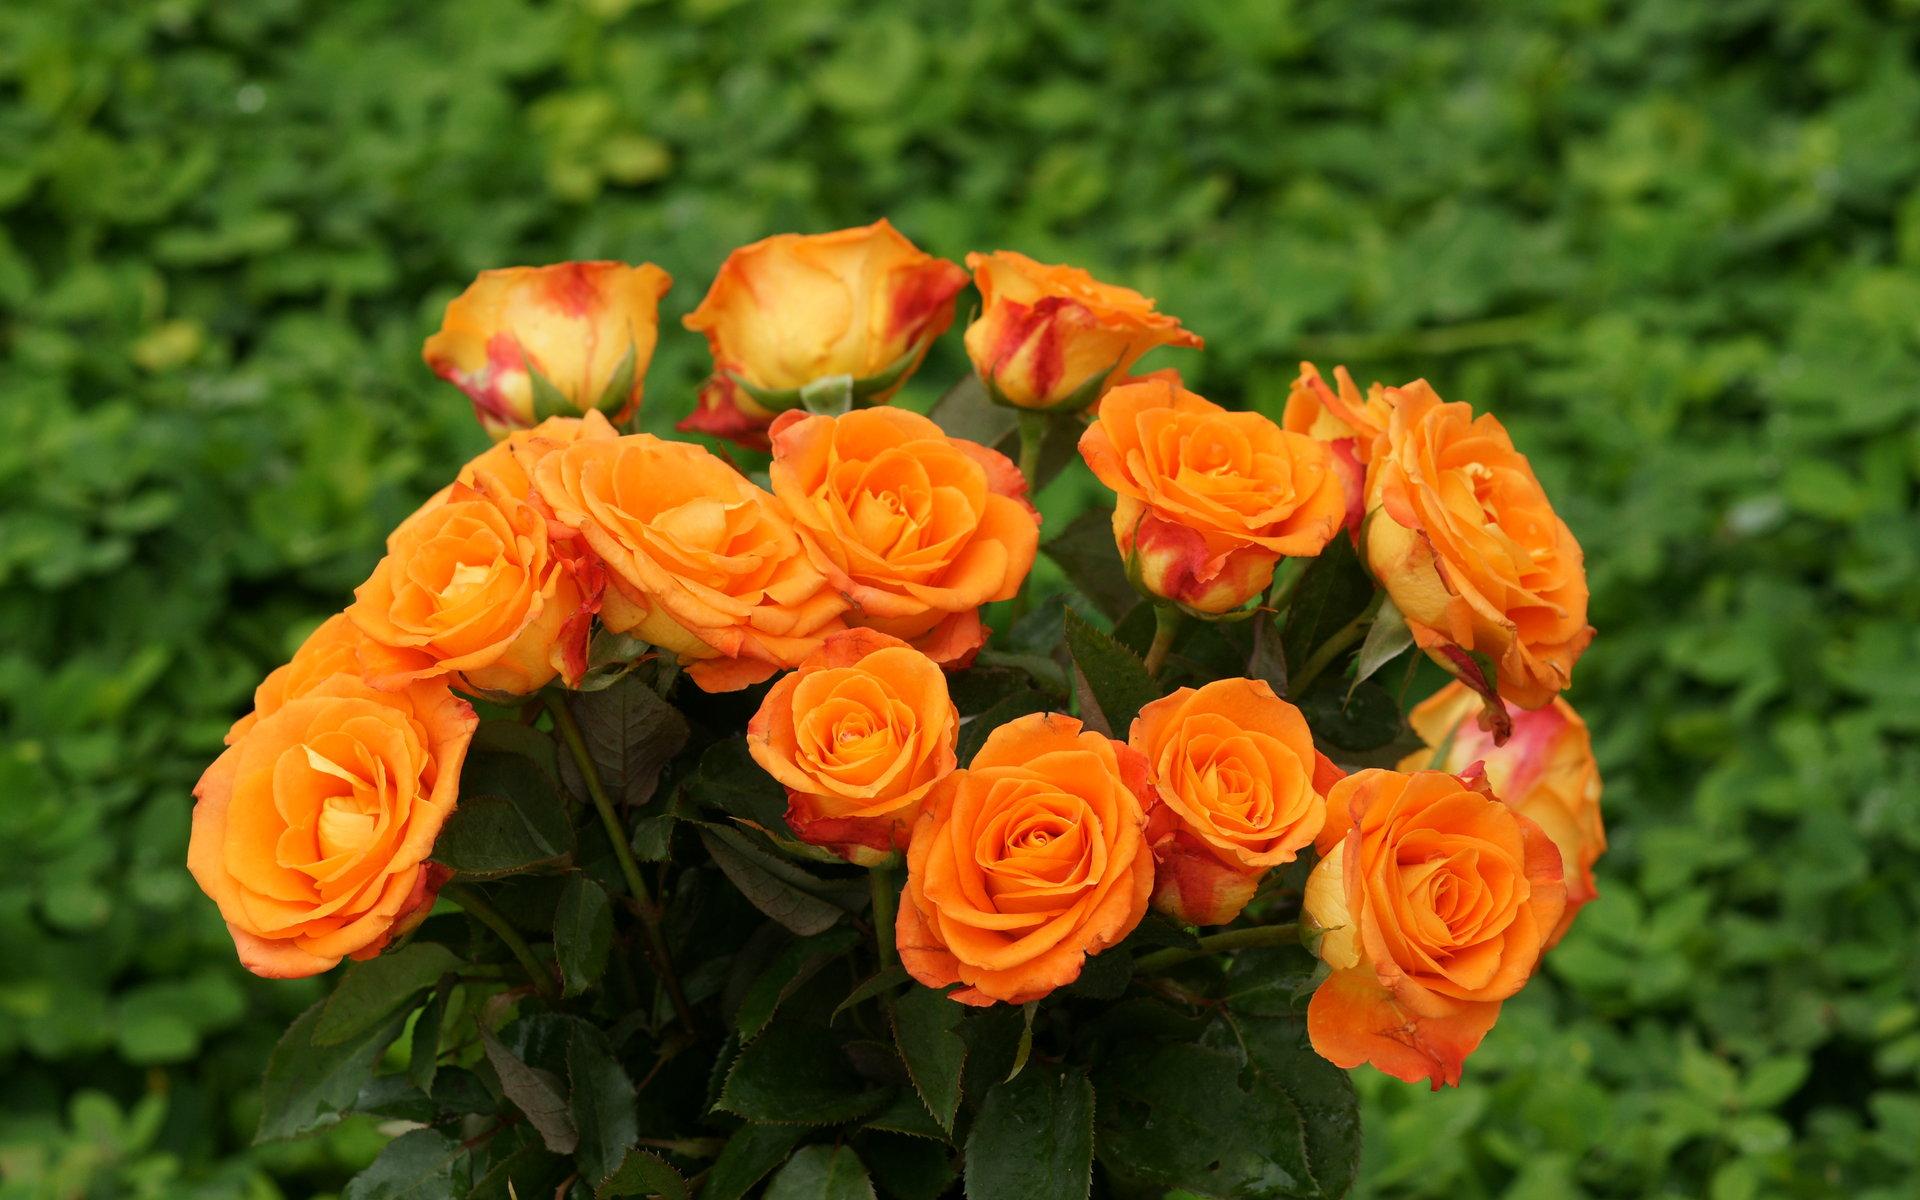 Cute Rose Wallpaper Free Download Rose Wallpaper Download Hd Desktop Wallpapers 4k Hd